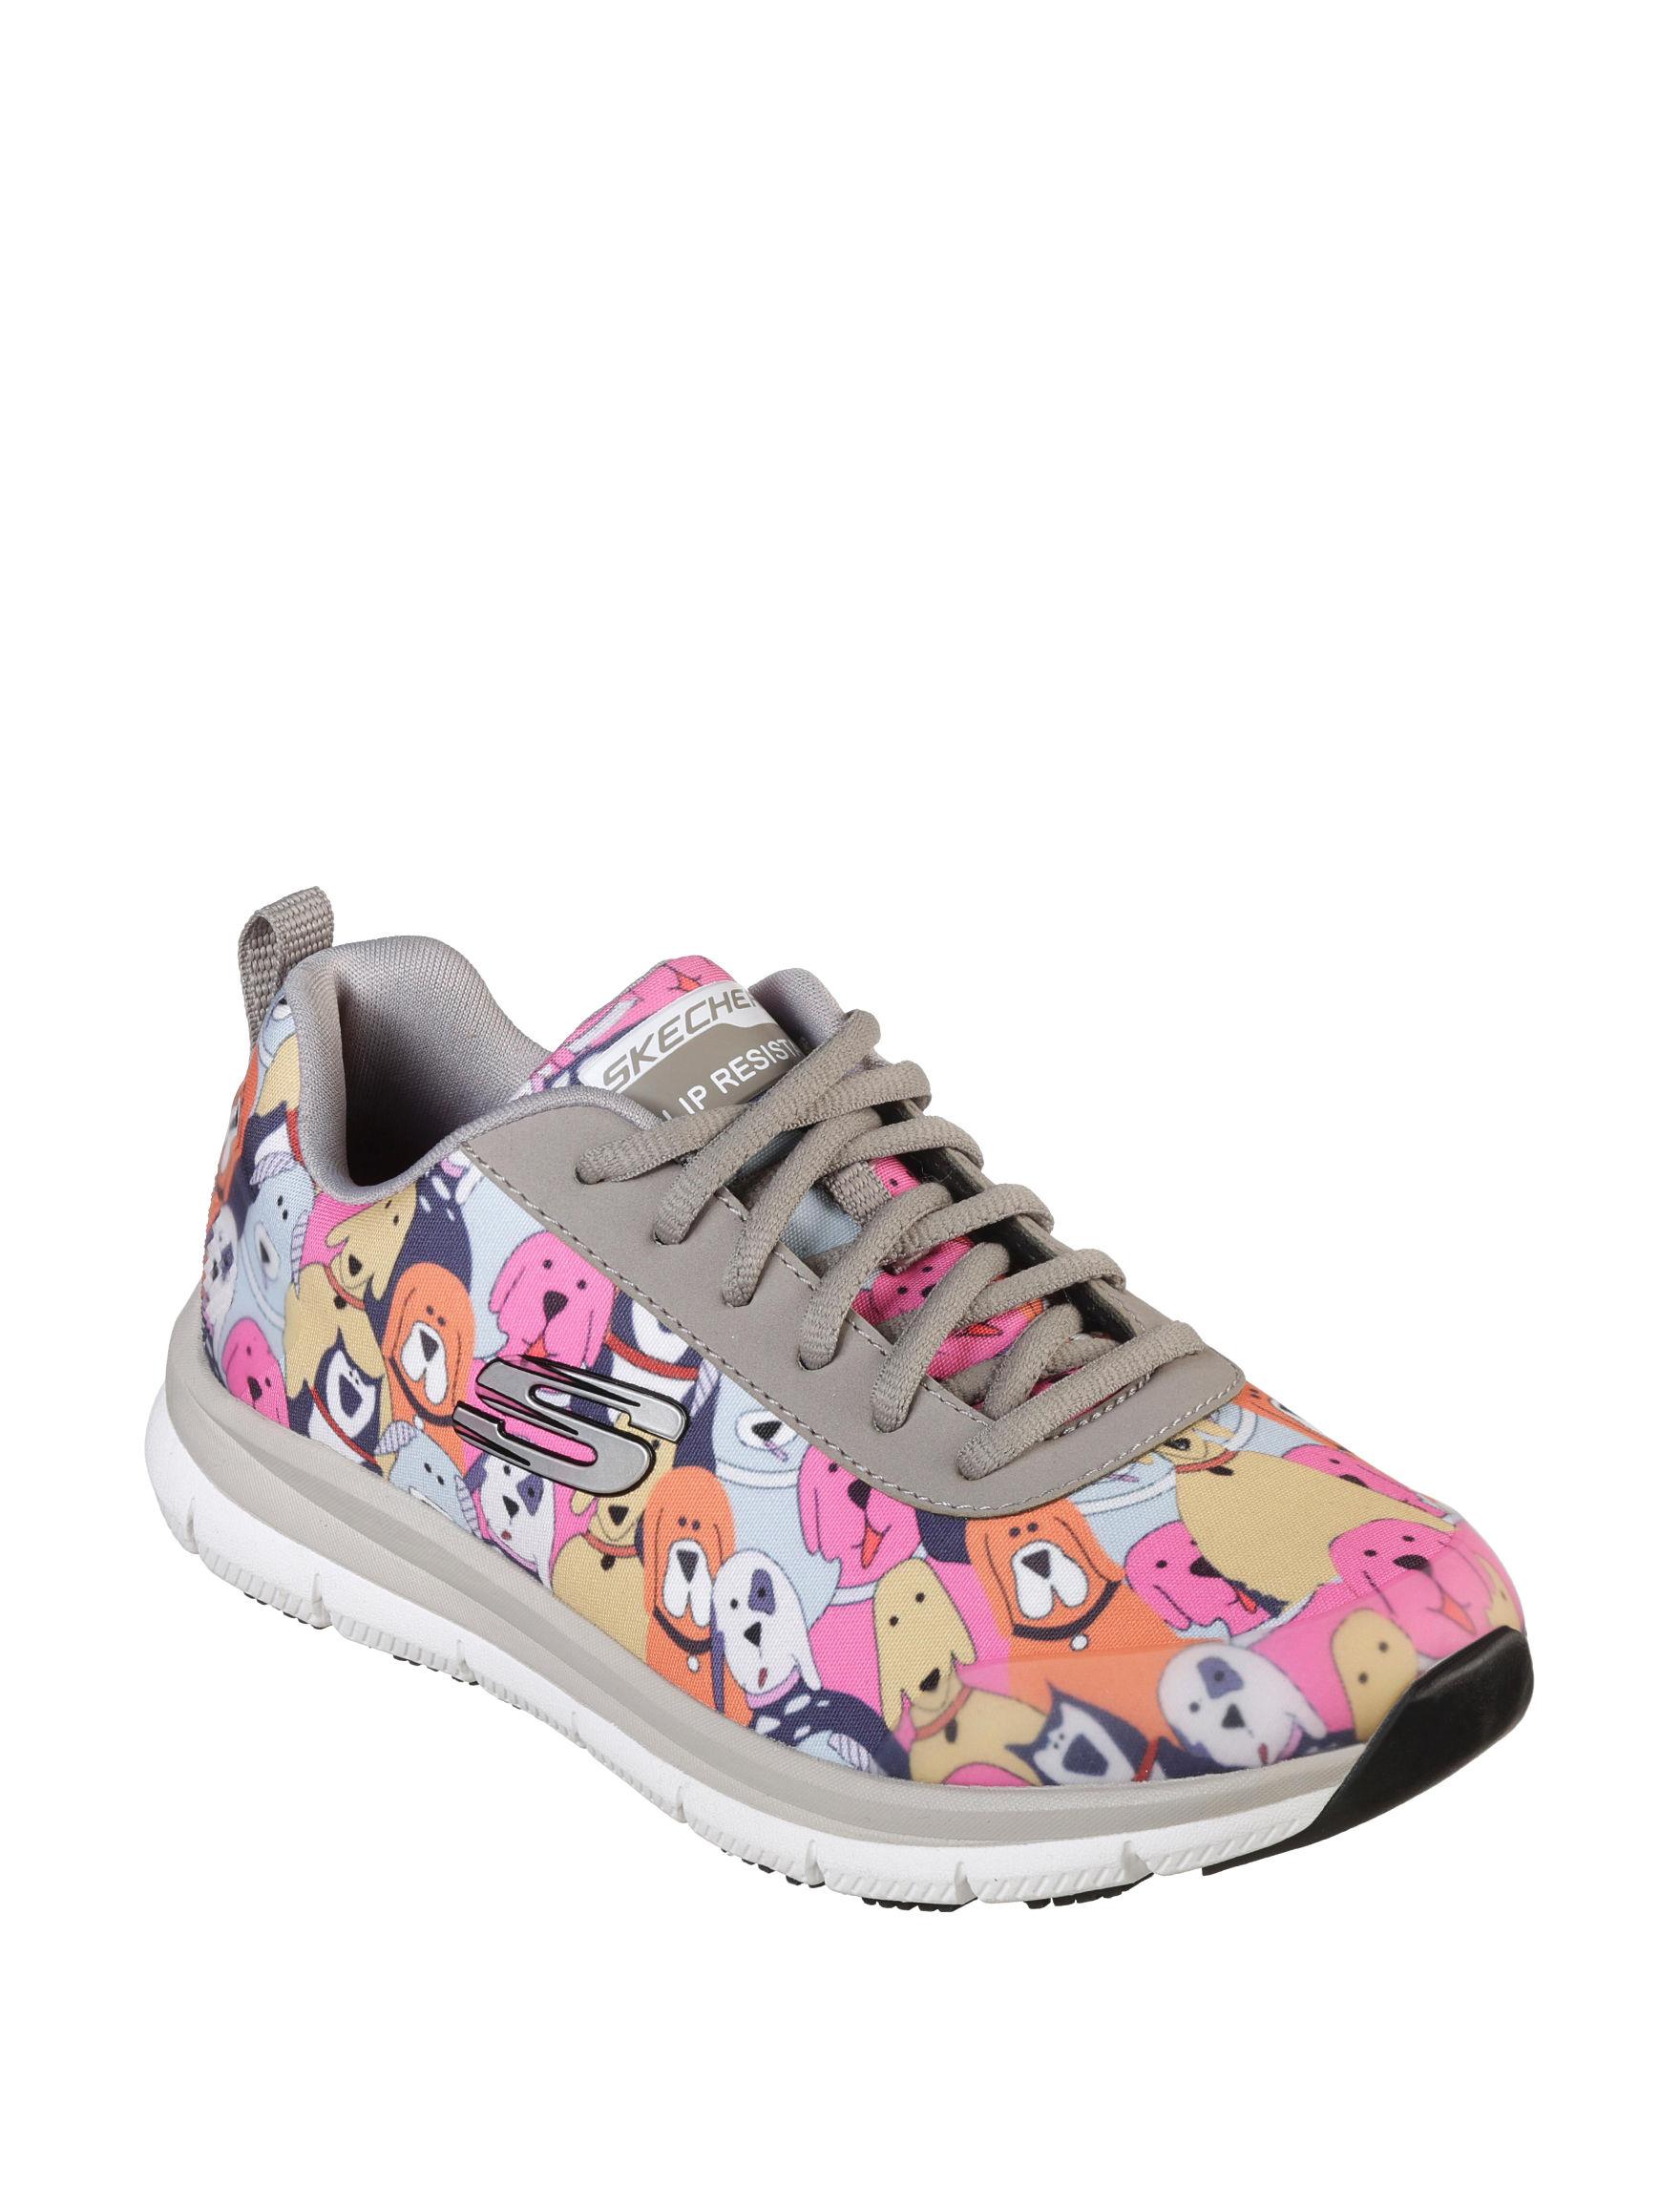 Skechers Grey Comfort Shoes Slip Resistant